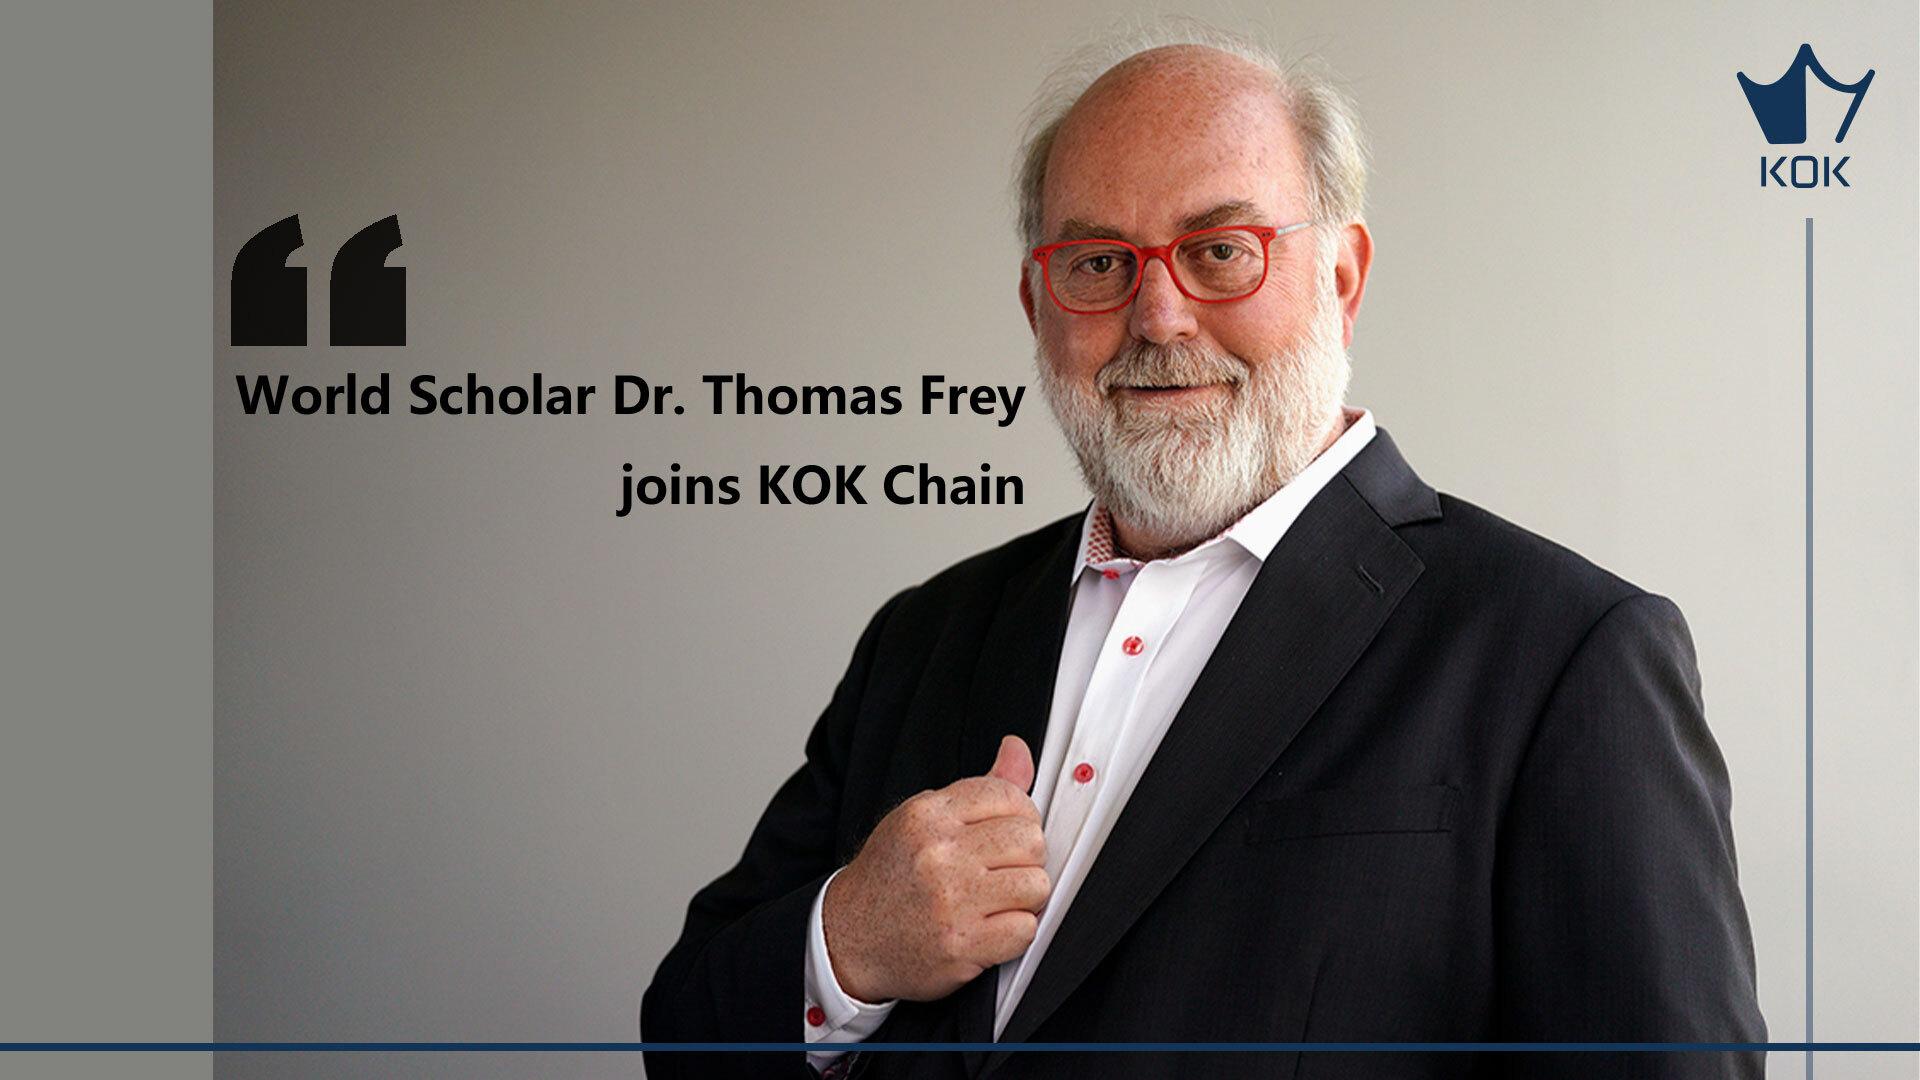 Dr. Thomas Frey